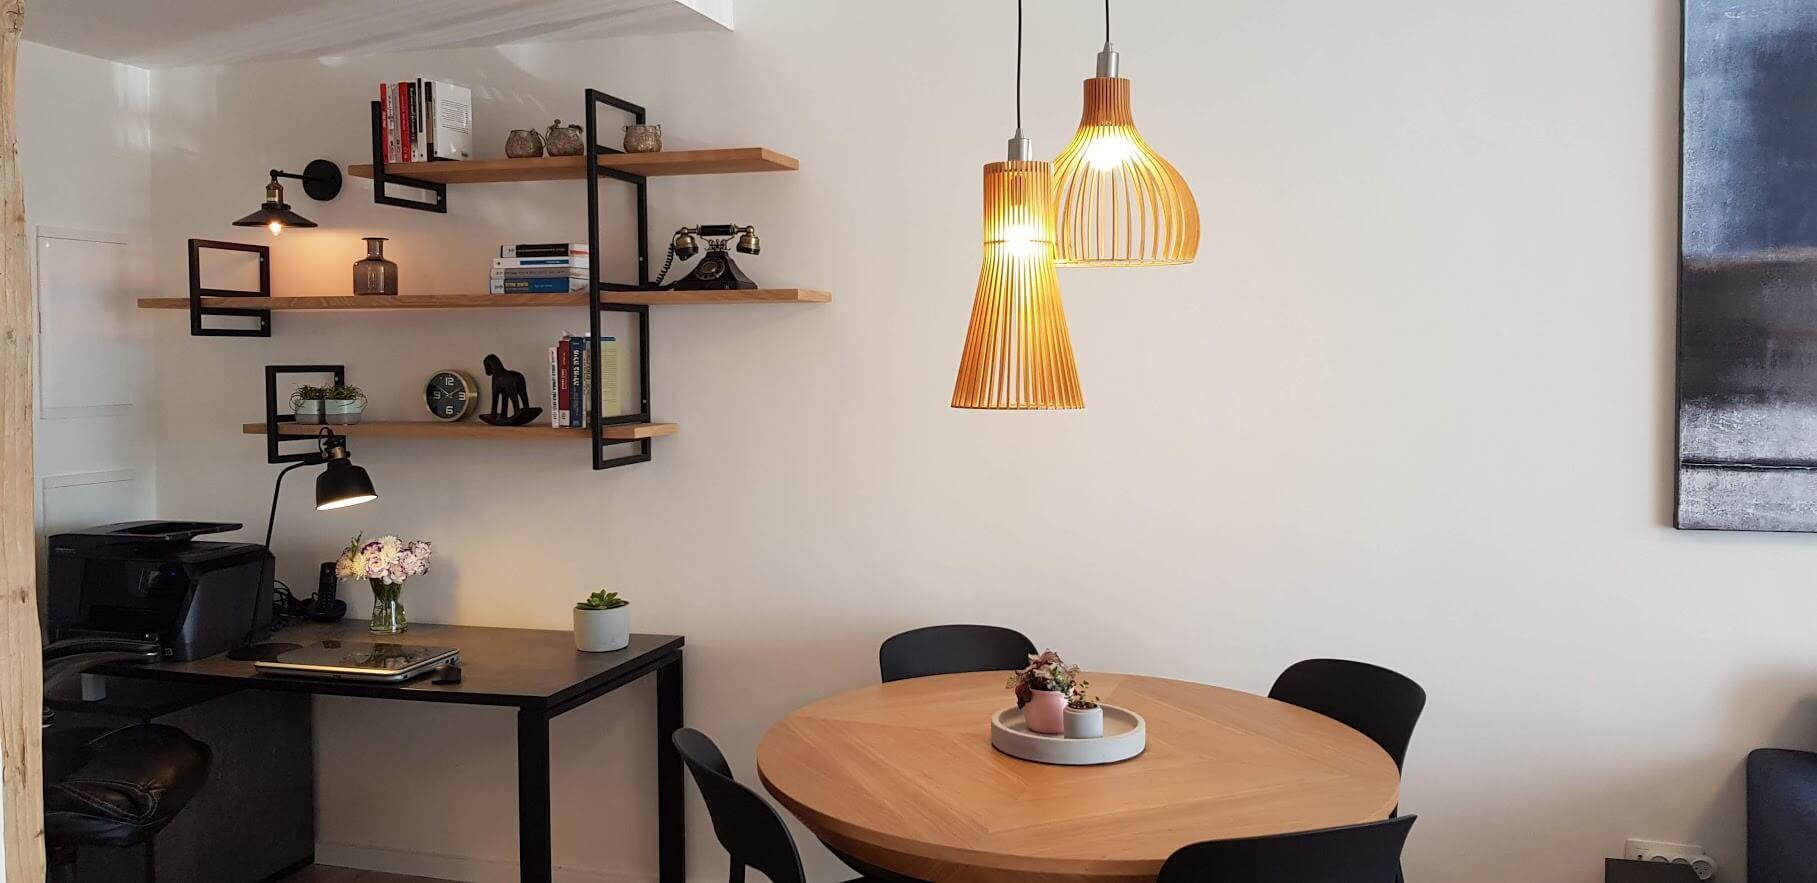 עיצוב פ אוכל בדירה קטנה סיגל סיוון ידוב.